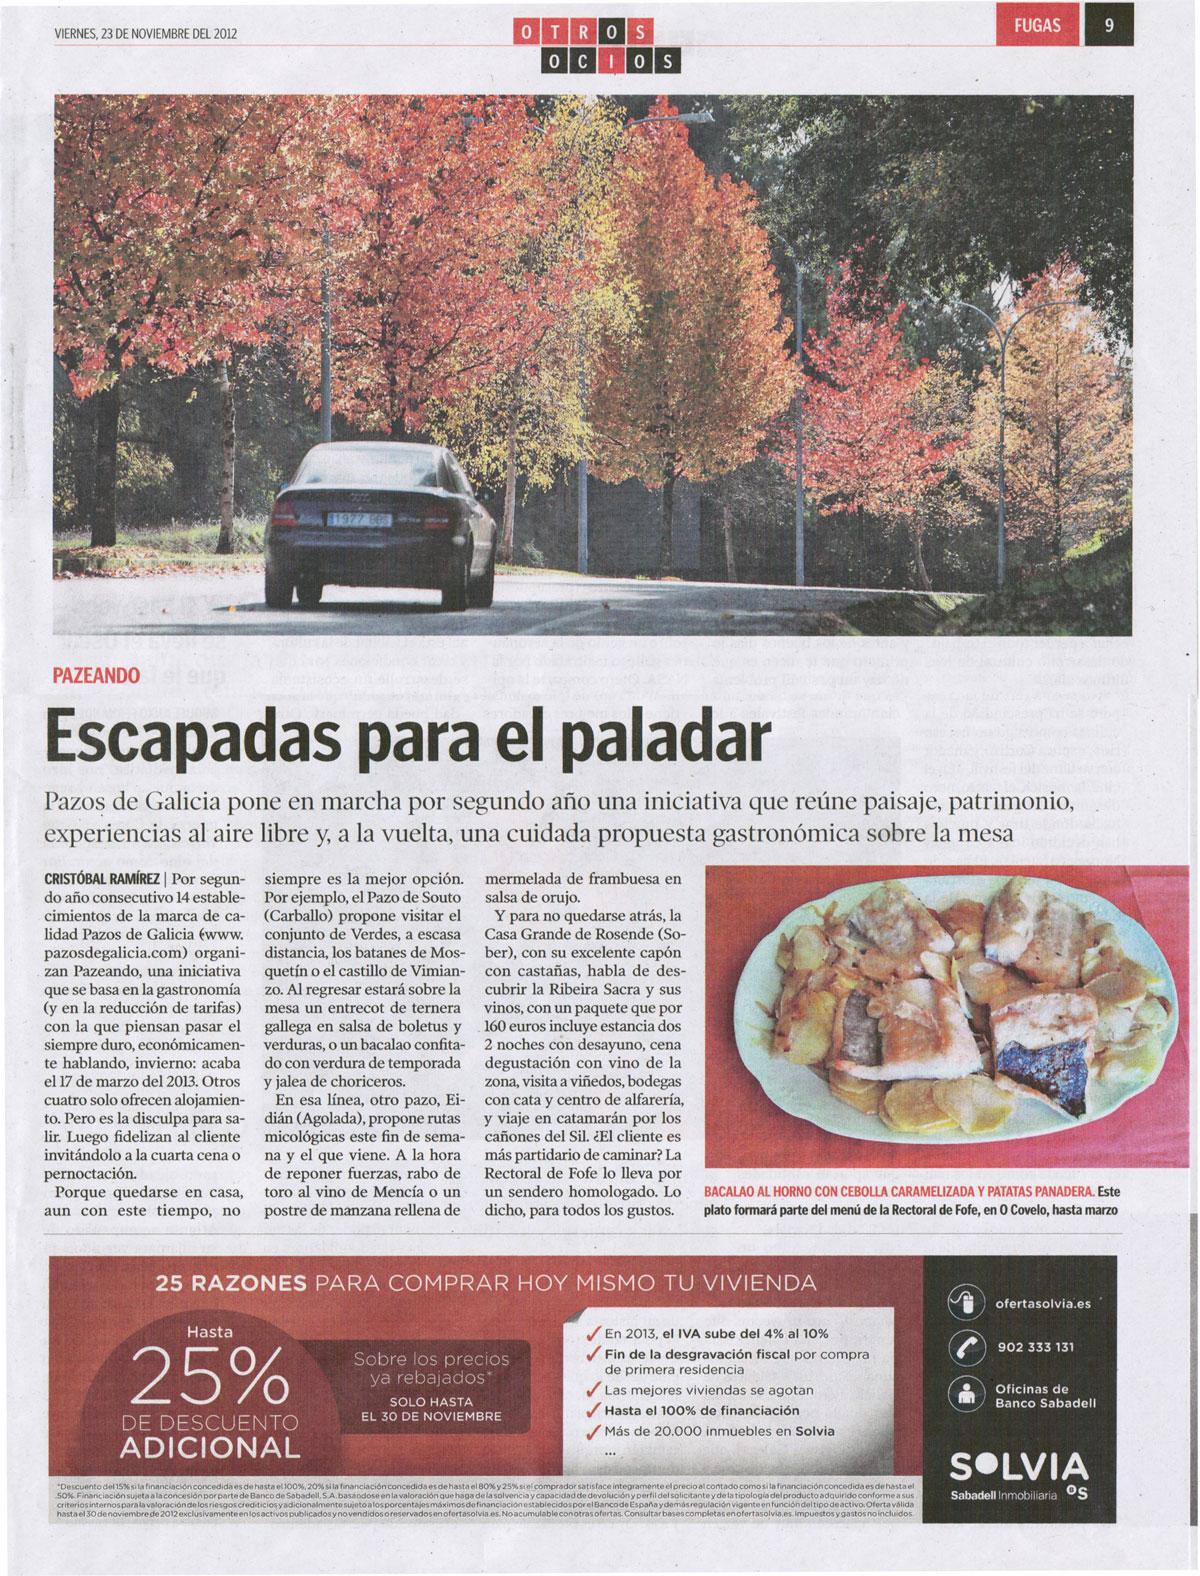 Casas completas galicia alquiler de vacaciones escapadas - Escapadas rurales galicia ...